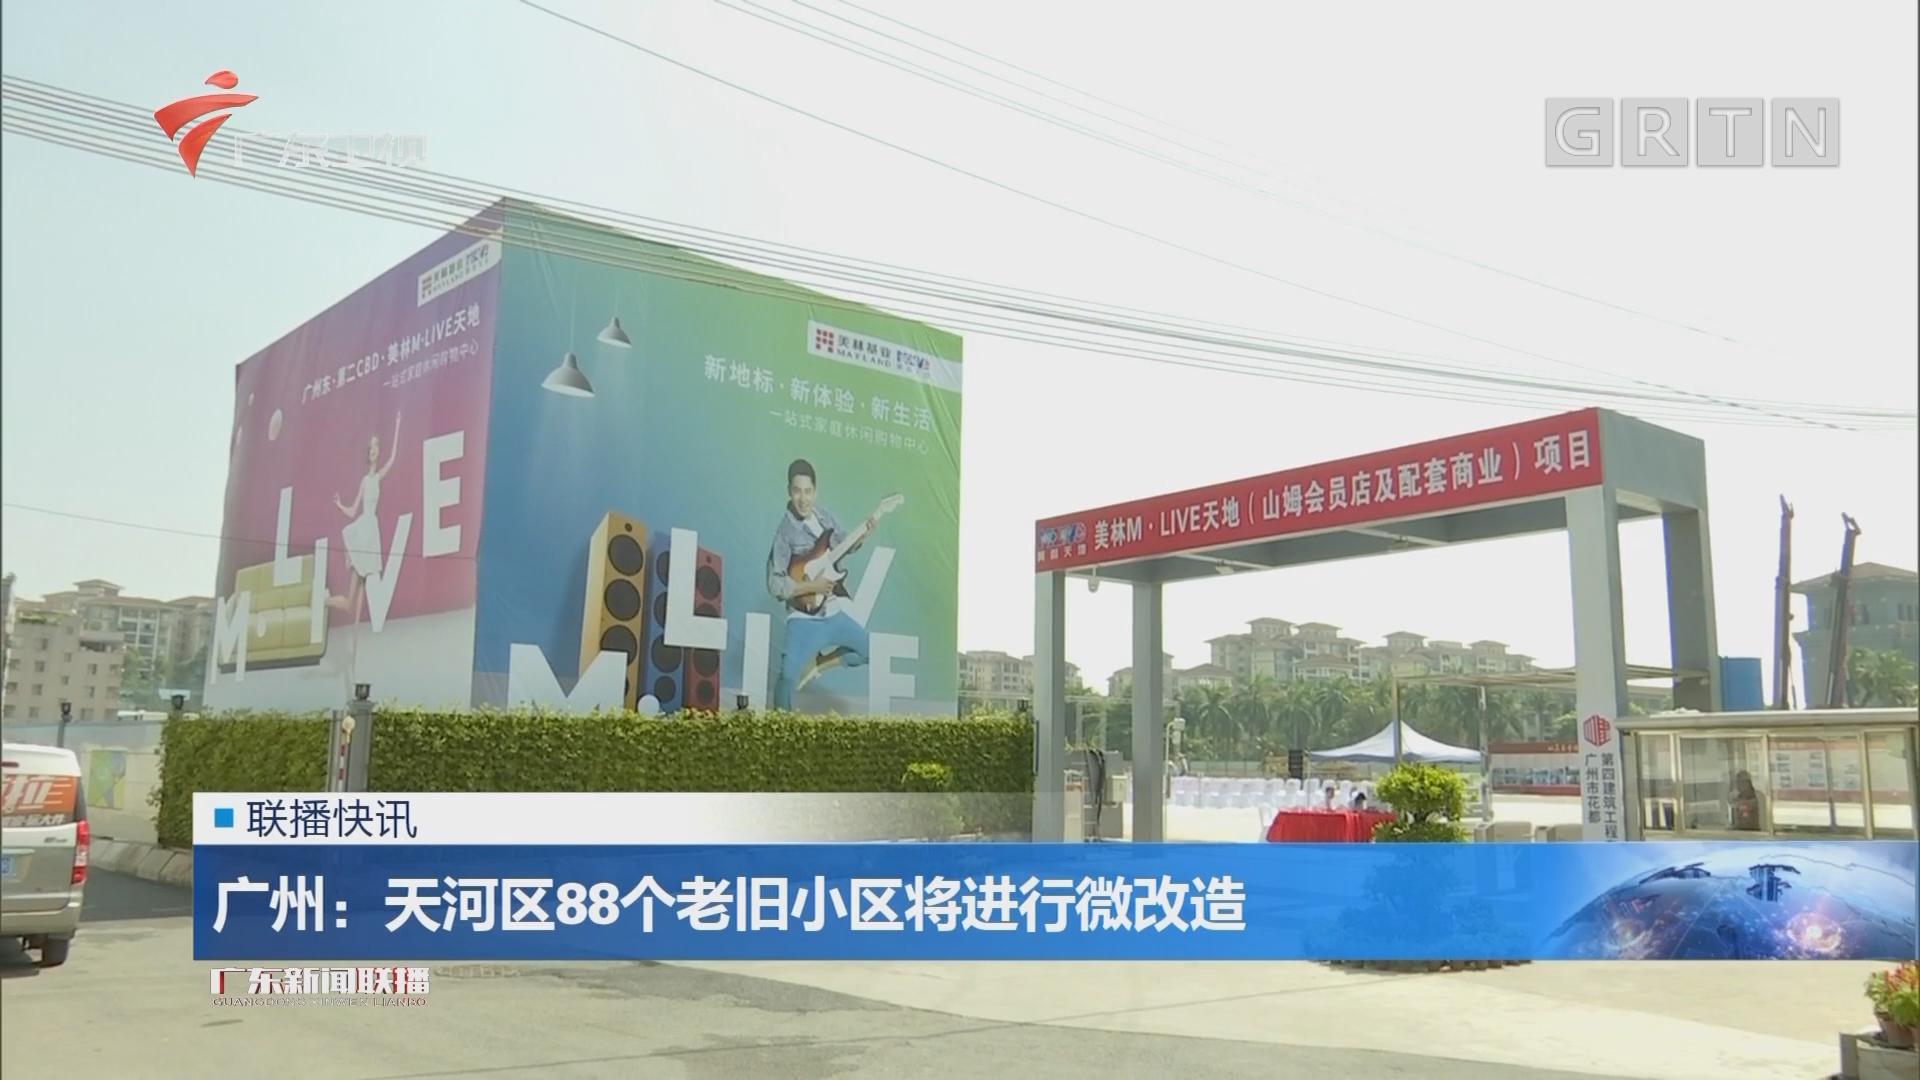 广州:天河区88个老旧小区将进行微改造